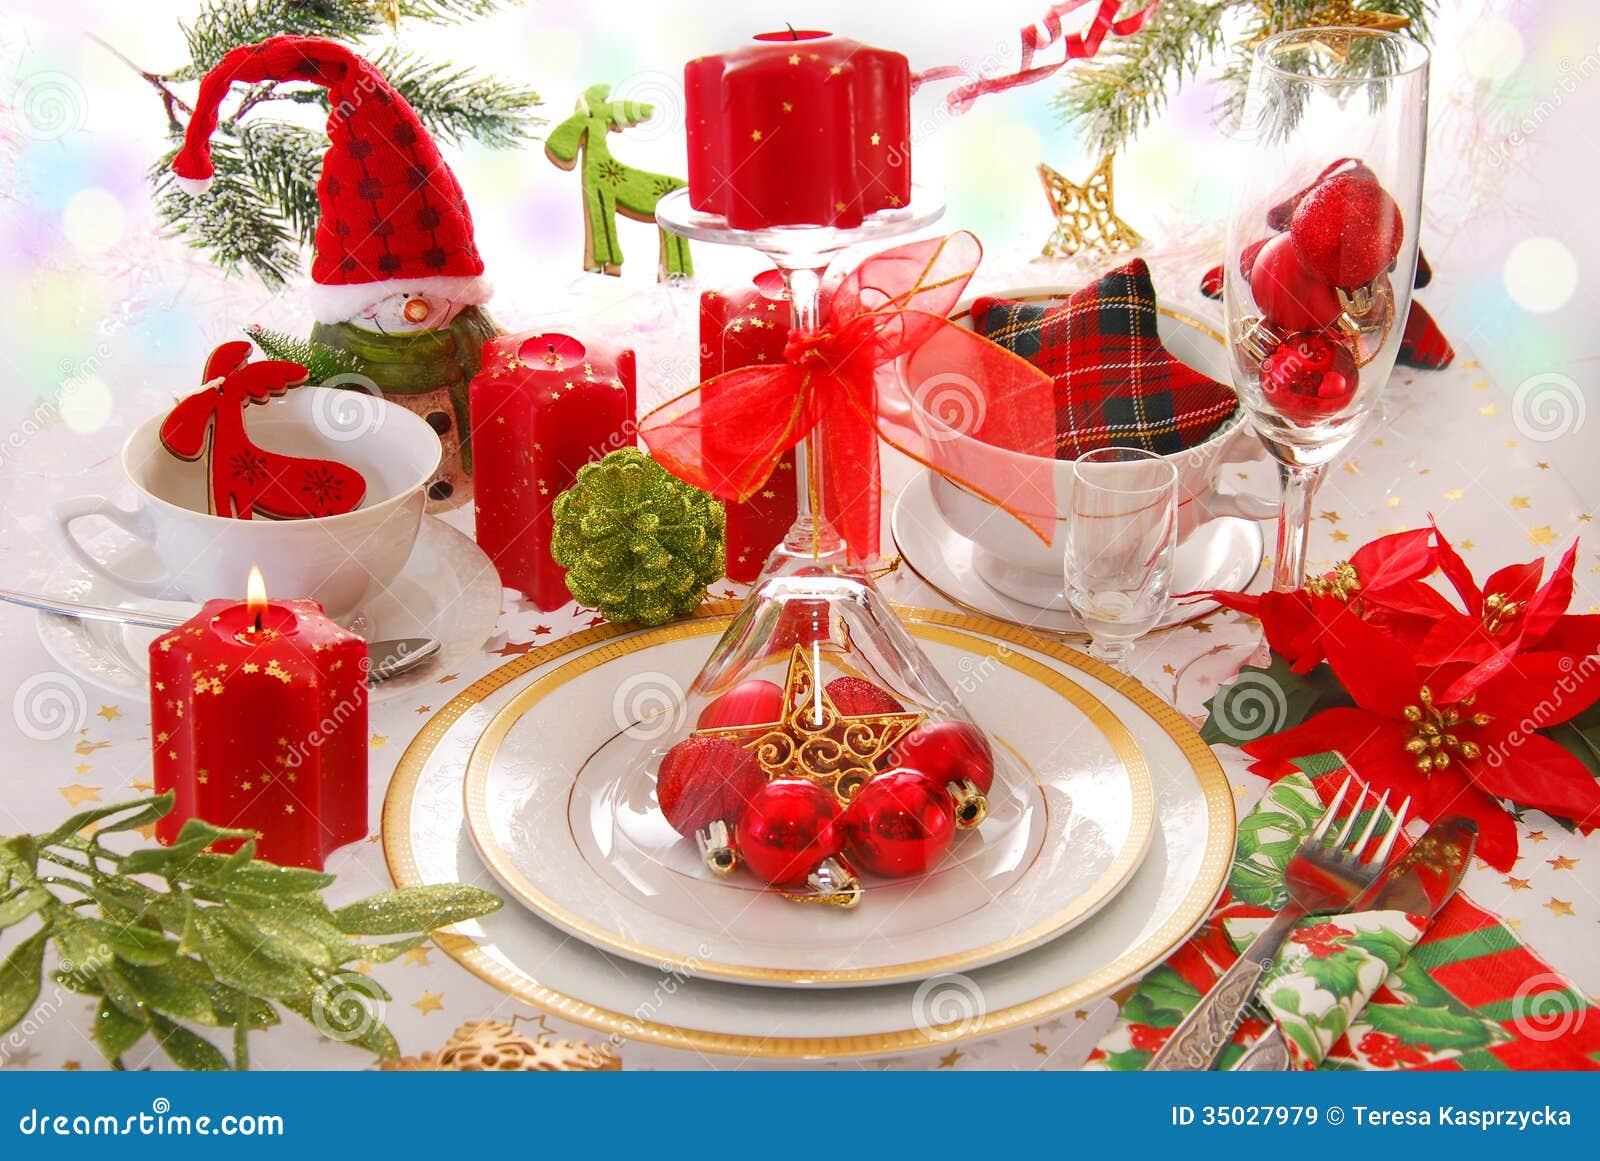 D coration de table de no l avec les bougies rouges - Decoration de table avec bougies ...